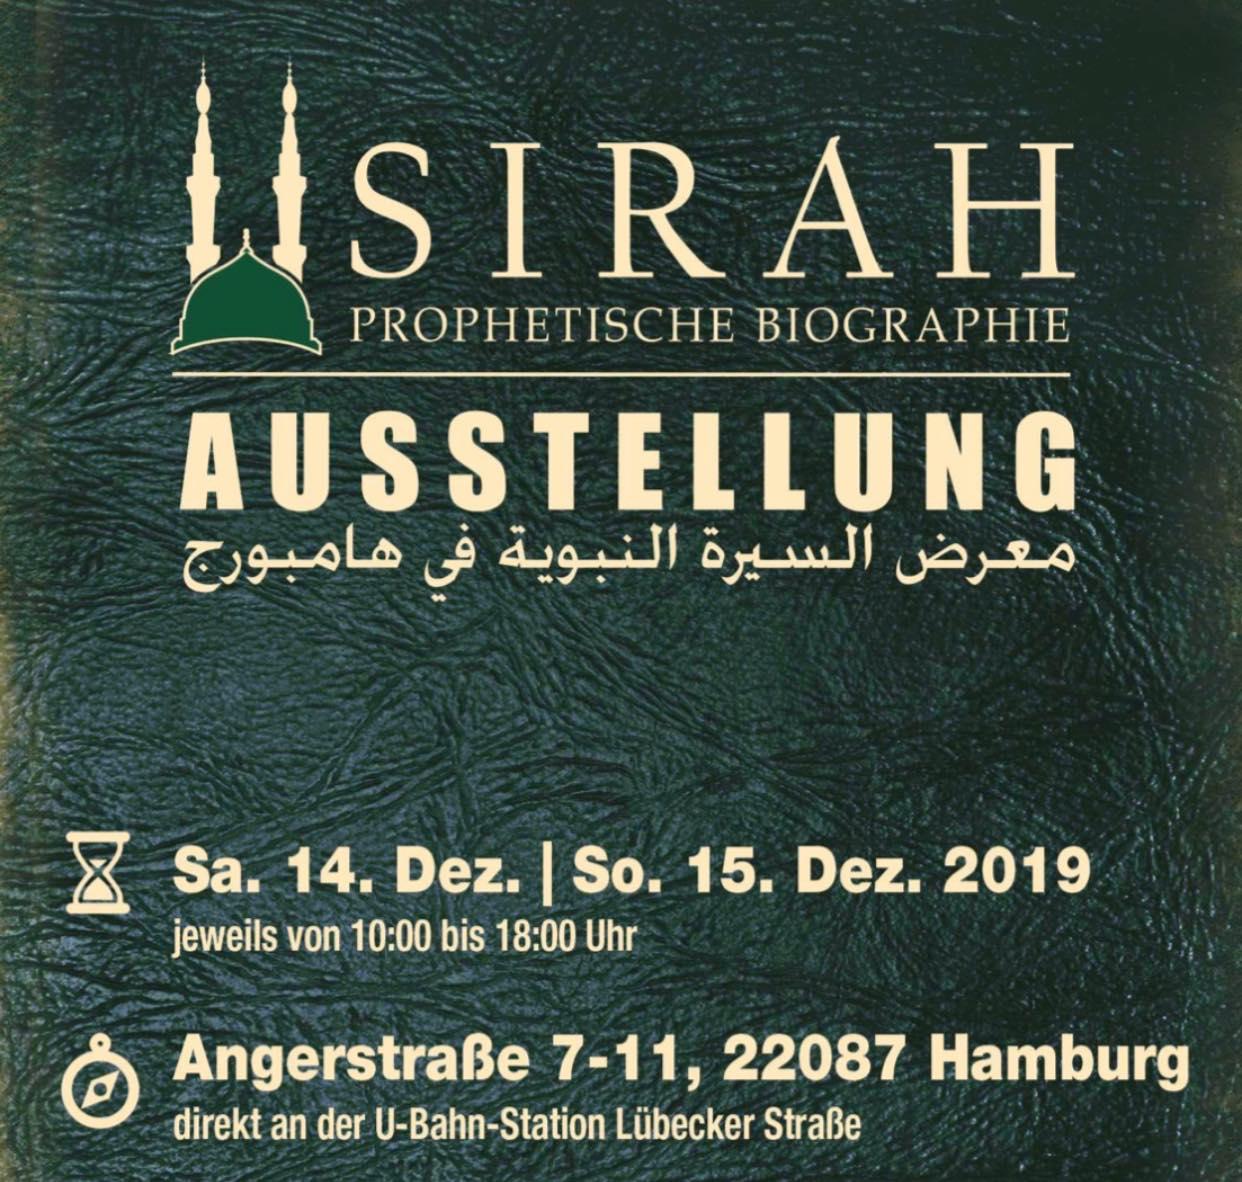 You are currently viewing [:de]4. SIRAH Ausstellung zur prophetischen Biographie[:]